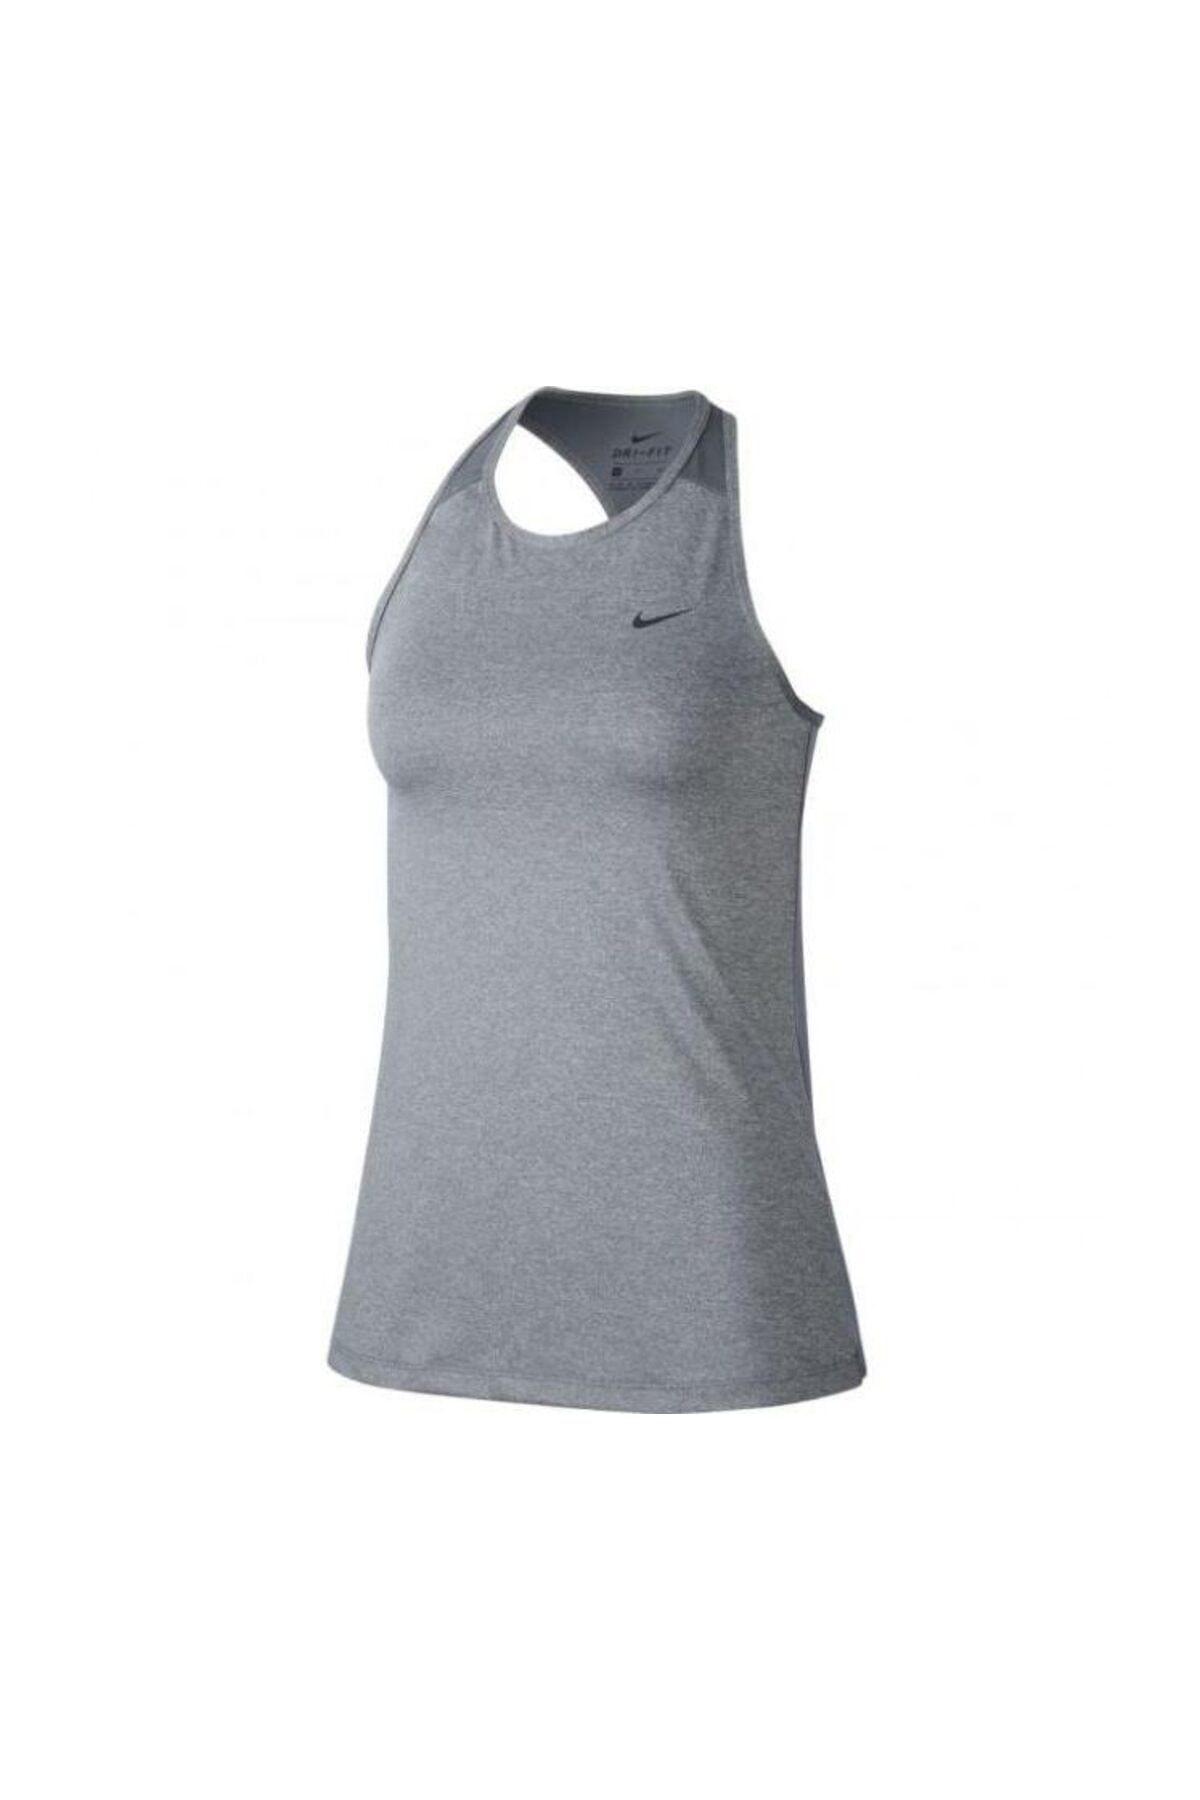 خرید اسان رکابی ورزشی مردانه زیبا برند Nike اورجینال رنگ نقره ای کد ty98082049